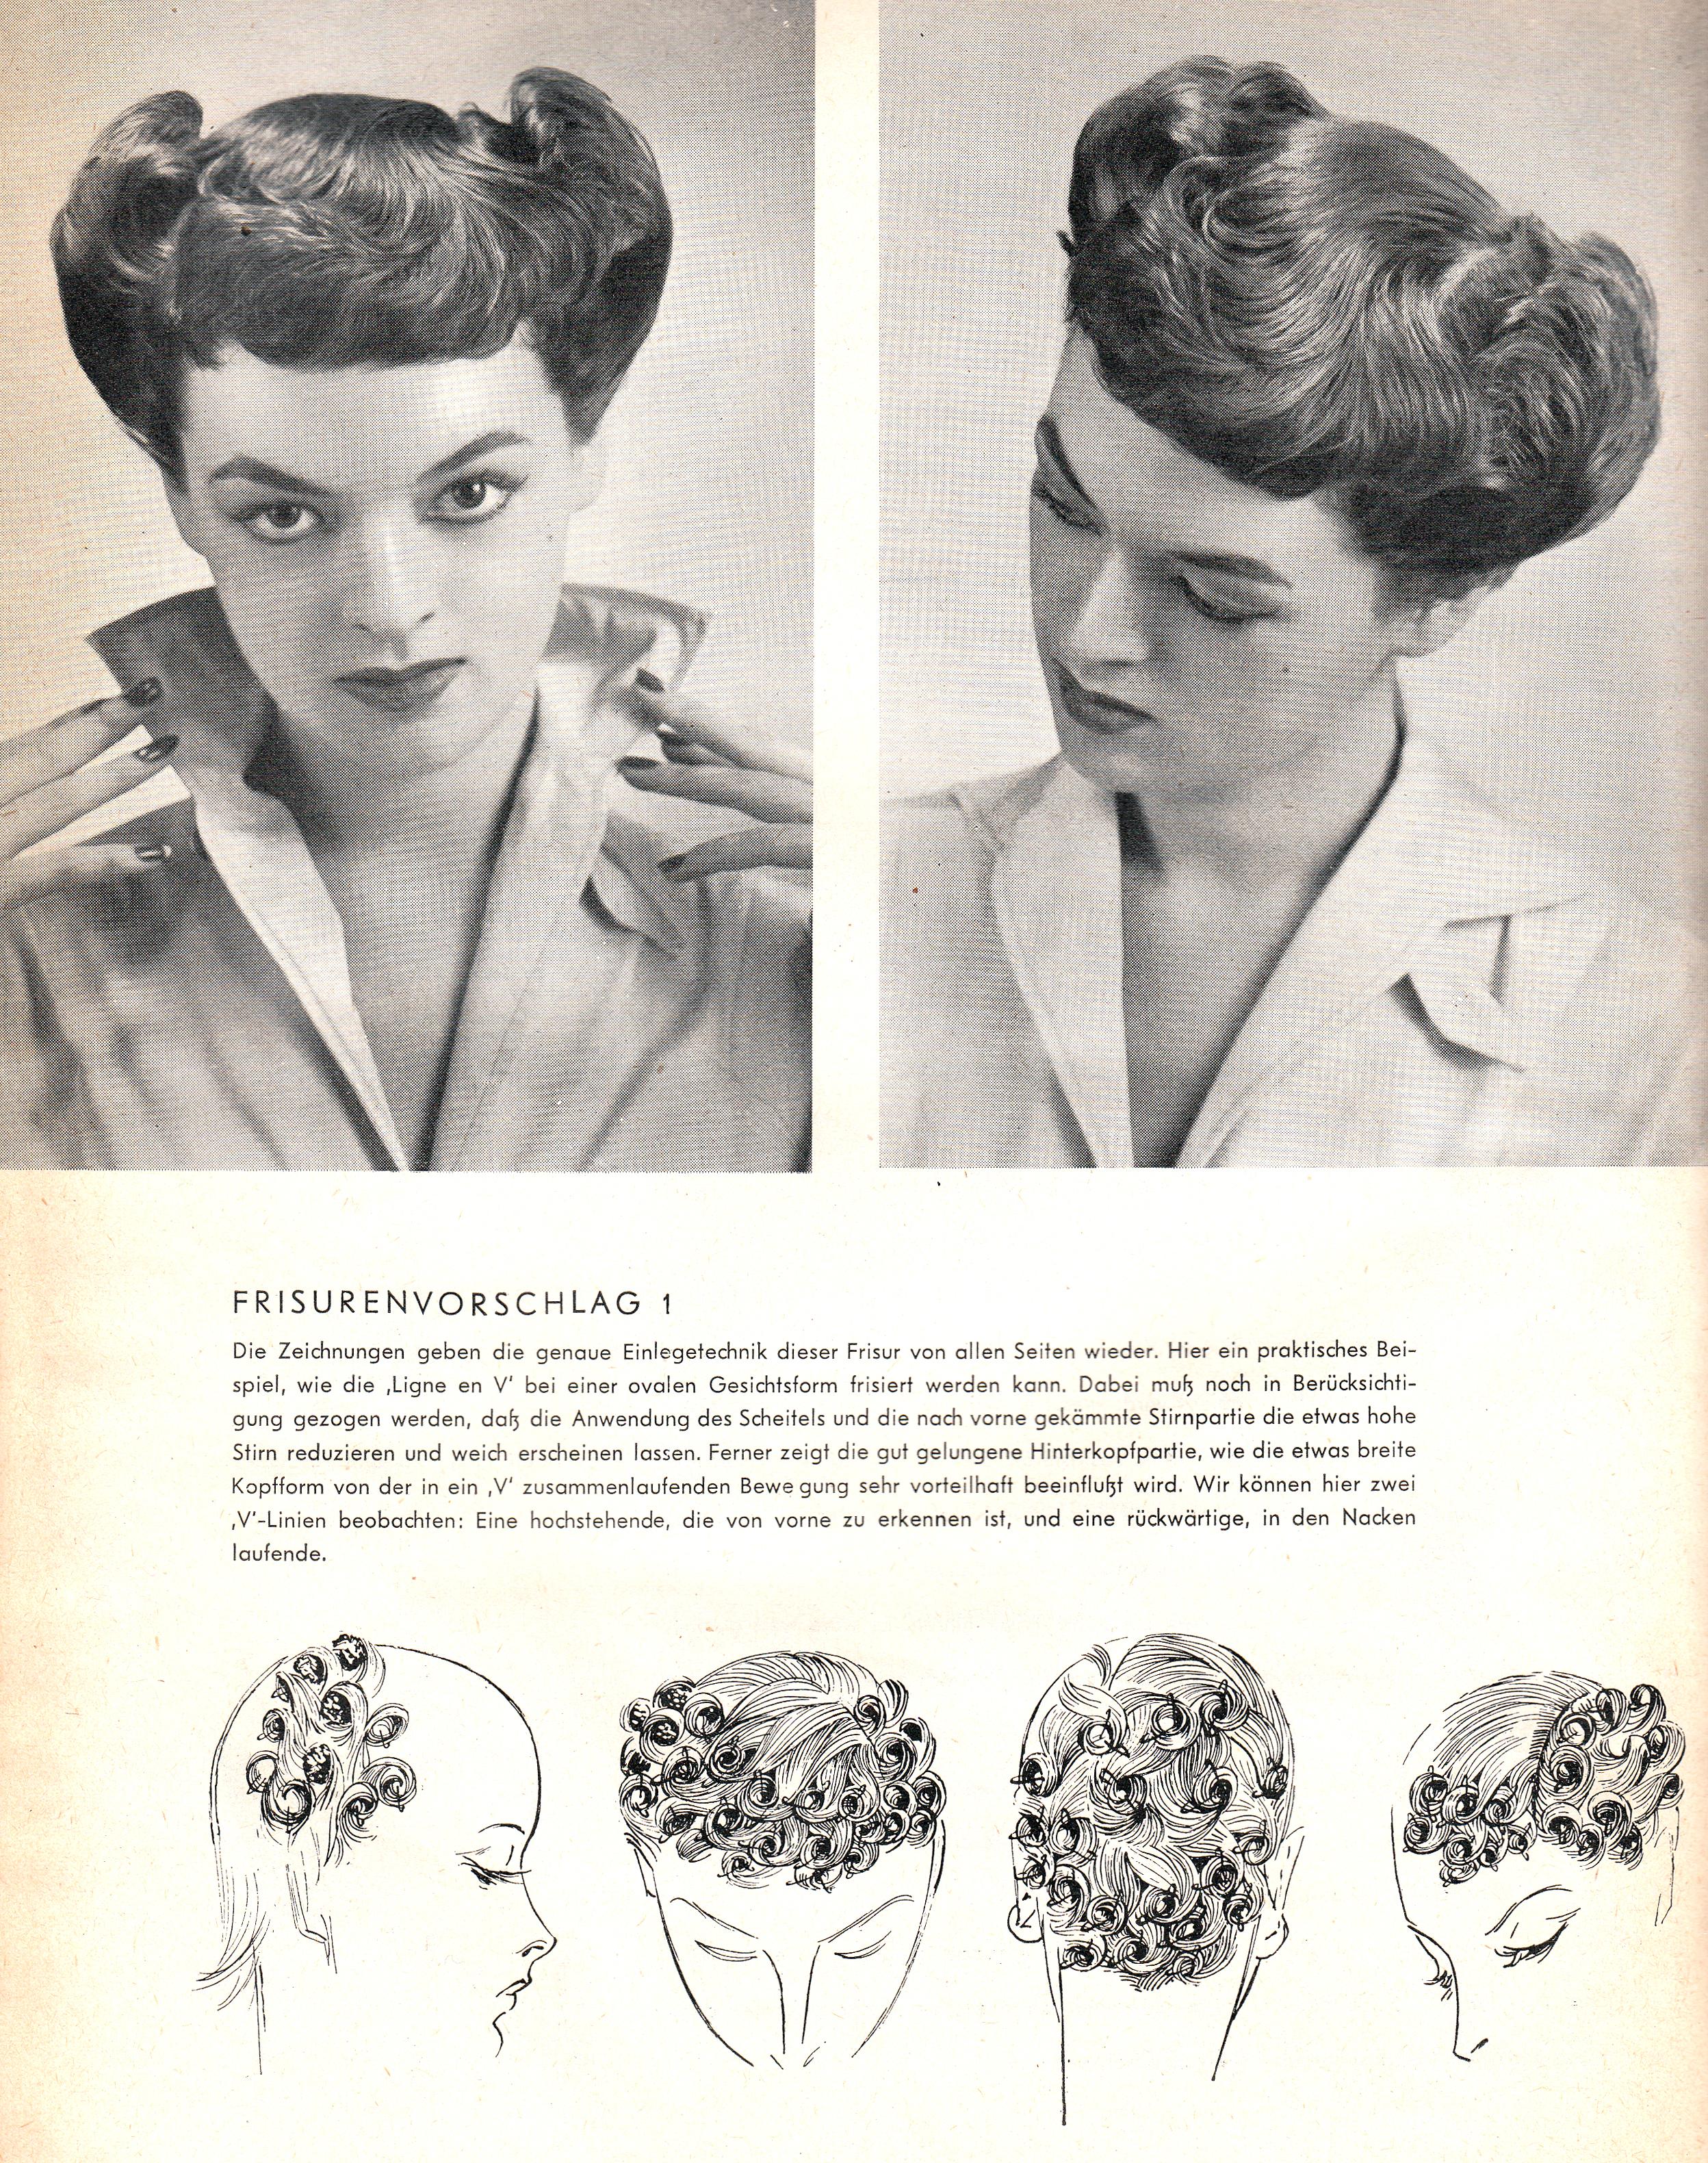 Frisuren mit 2 einlegetechniken